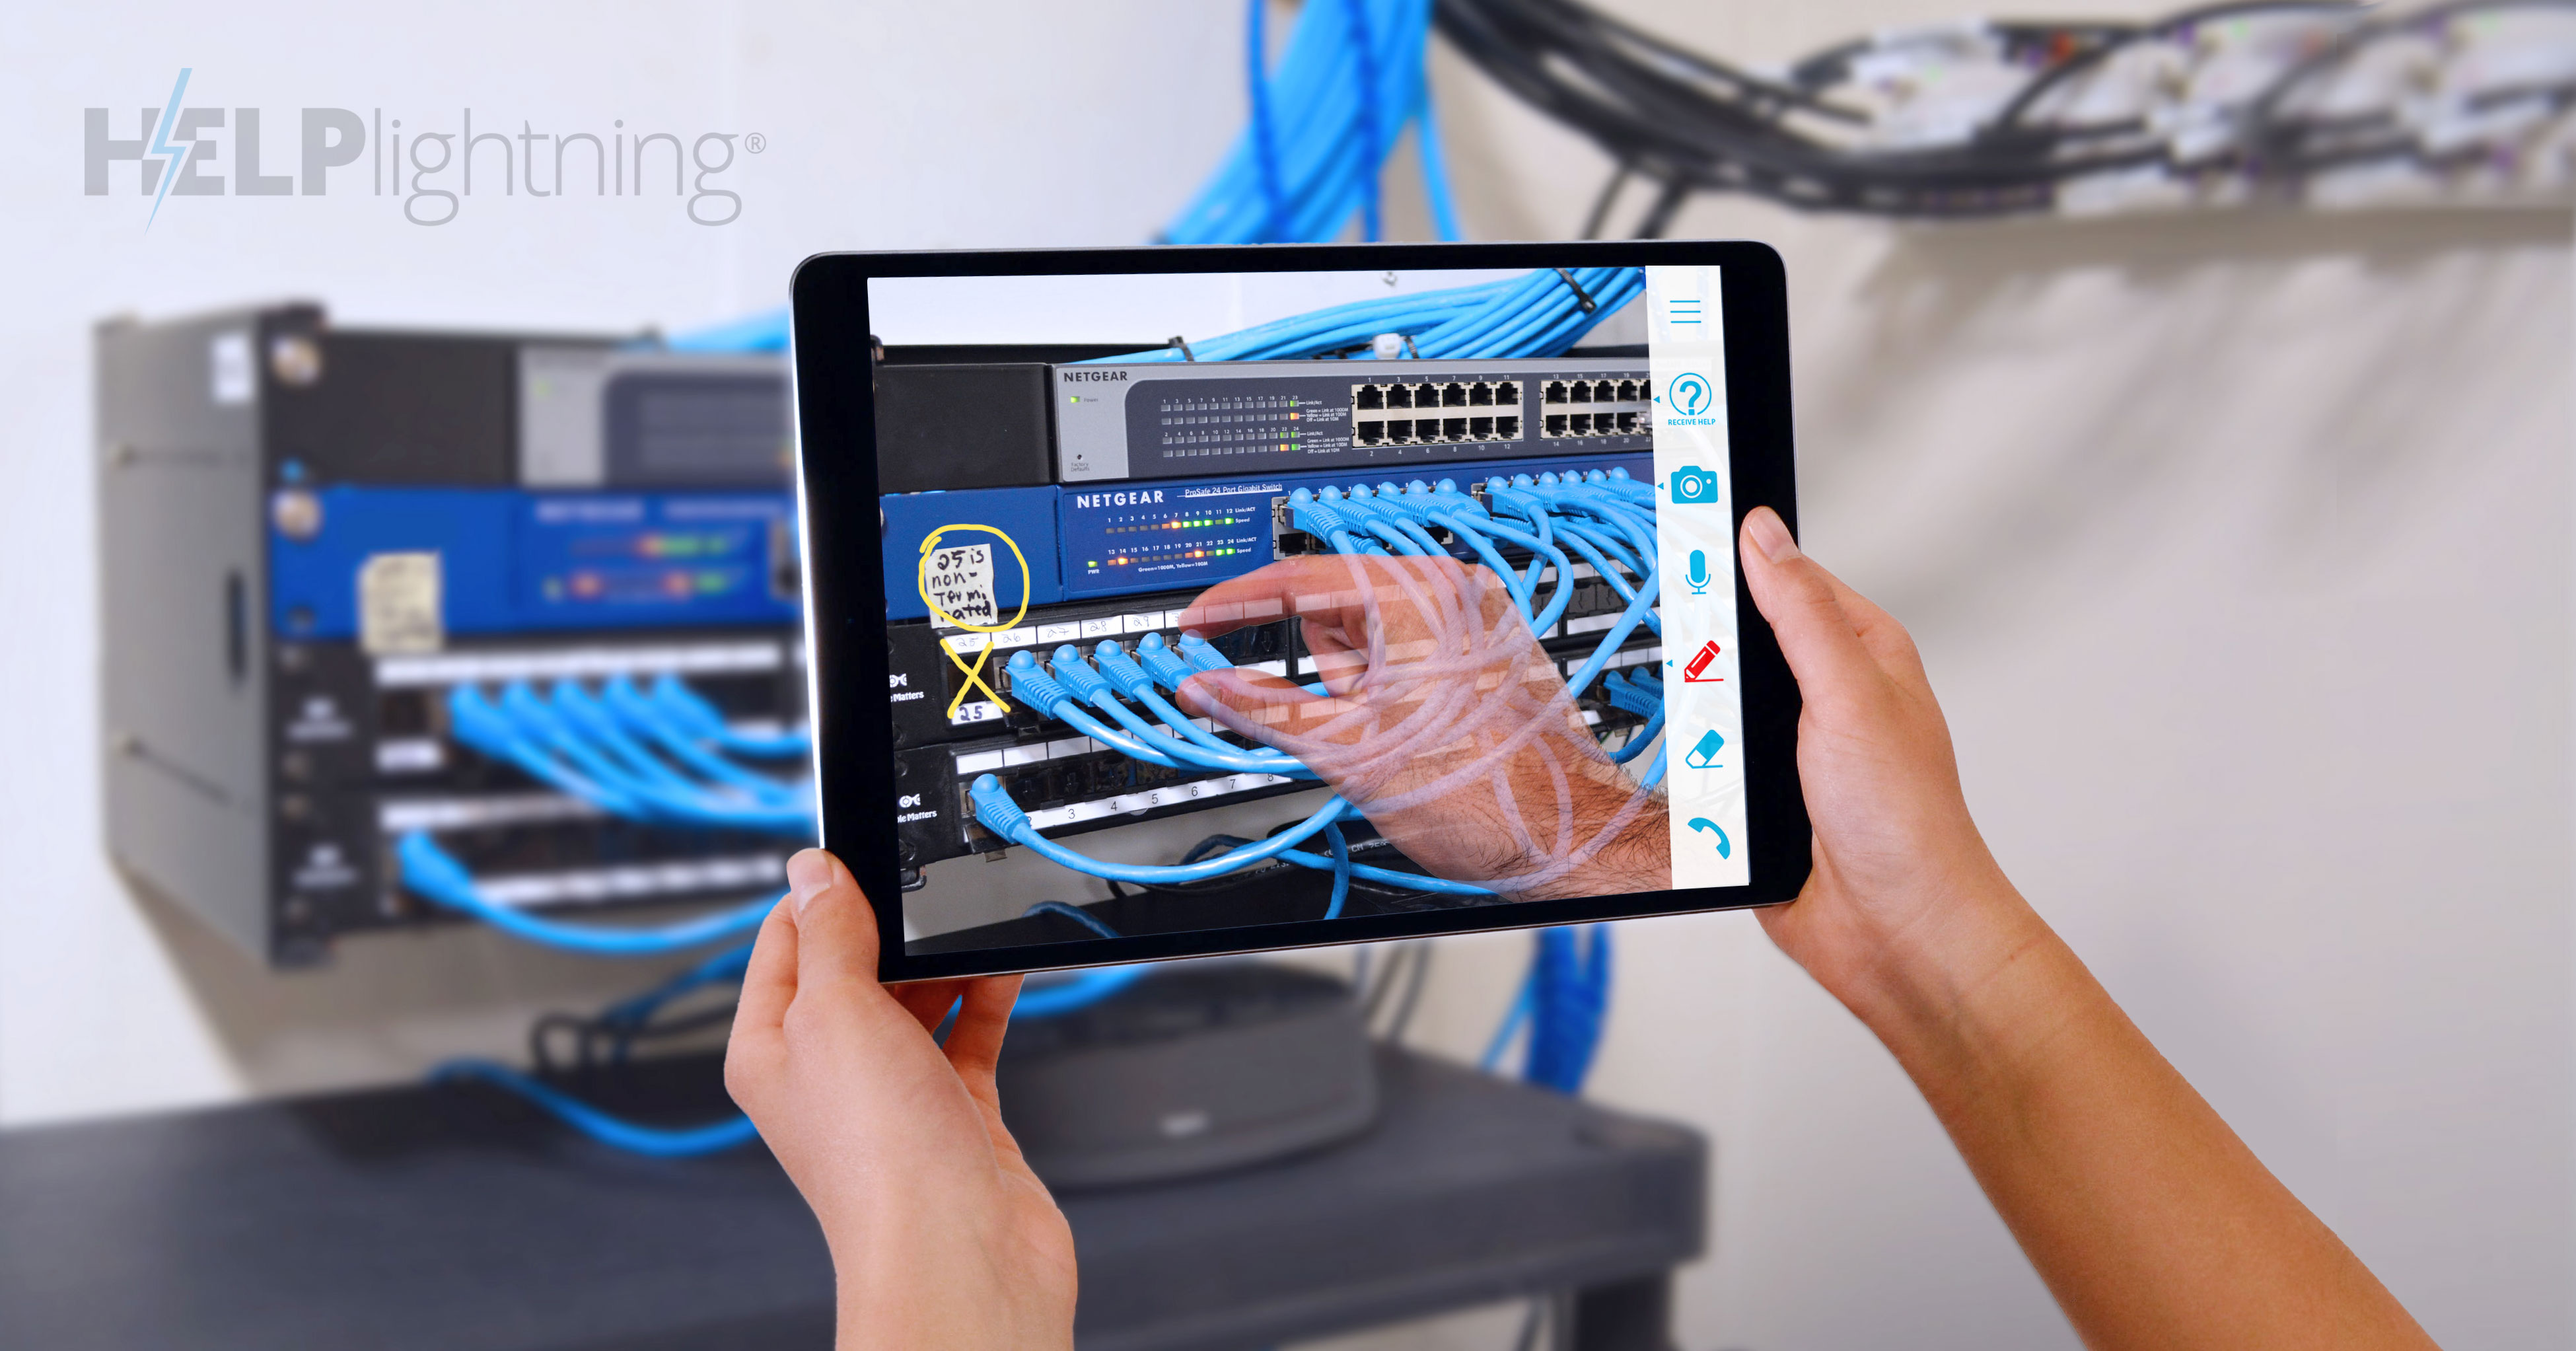 ベルシステム24、Help Lightningの提供を開始。MR(複合現実)技術によるカスタマーサポート、現場支援を実現